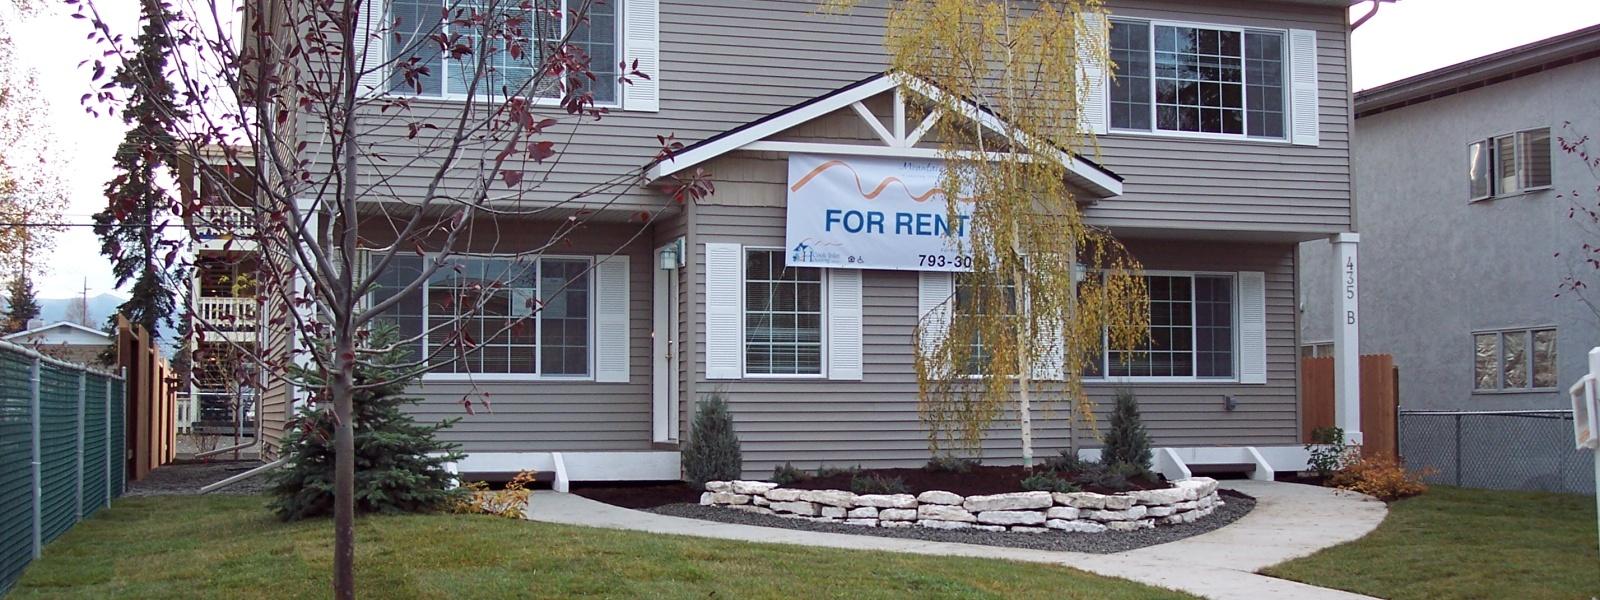 185 Ridgeline Loop, Alaska, 99501, 1 Bedroom Bedrooms, ,1 BathroomBathrooms,Townhome,For Rent,Ridgeline Loop,1040